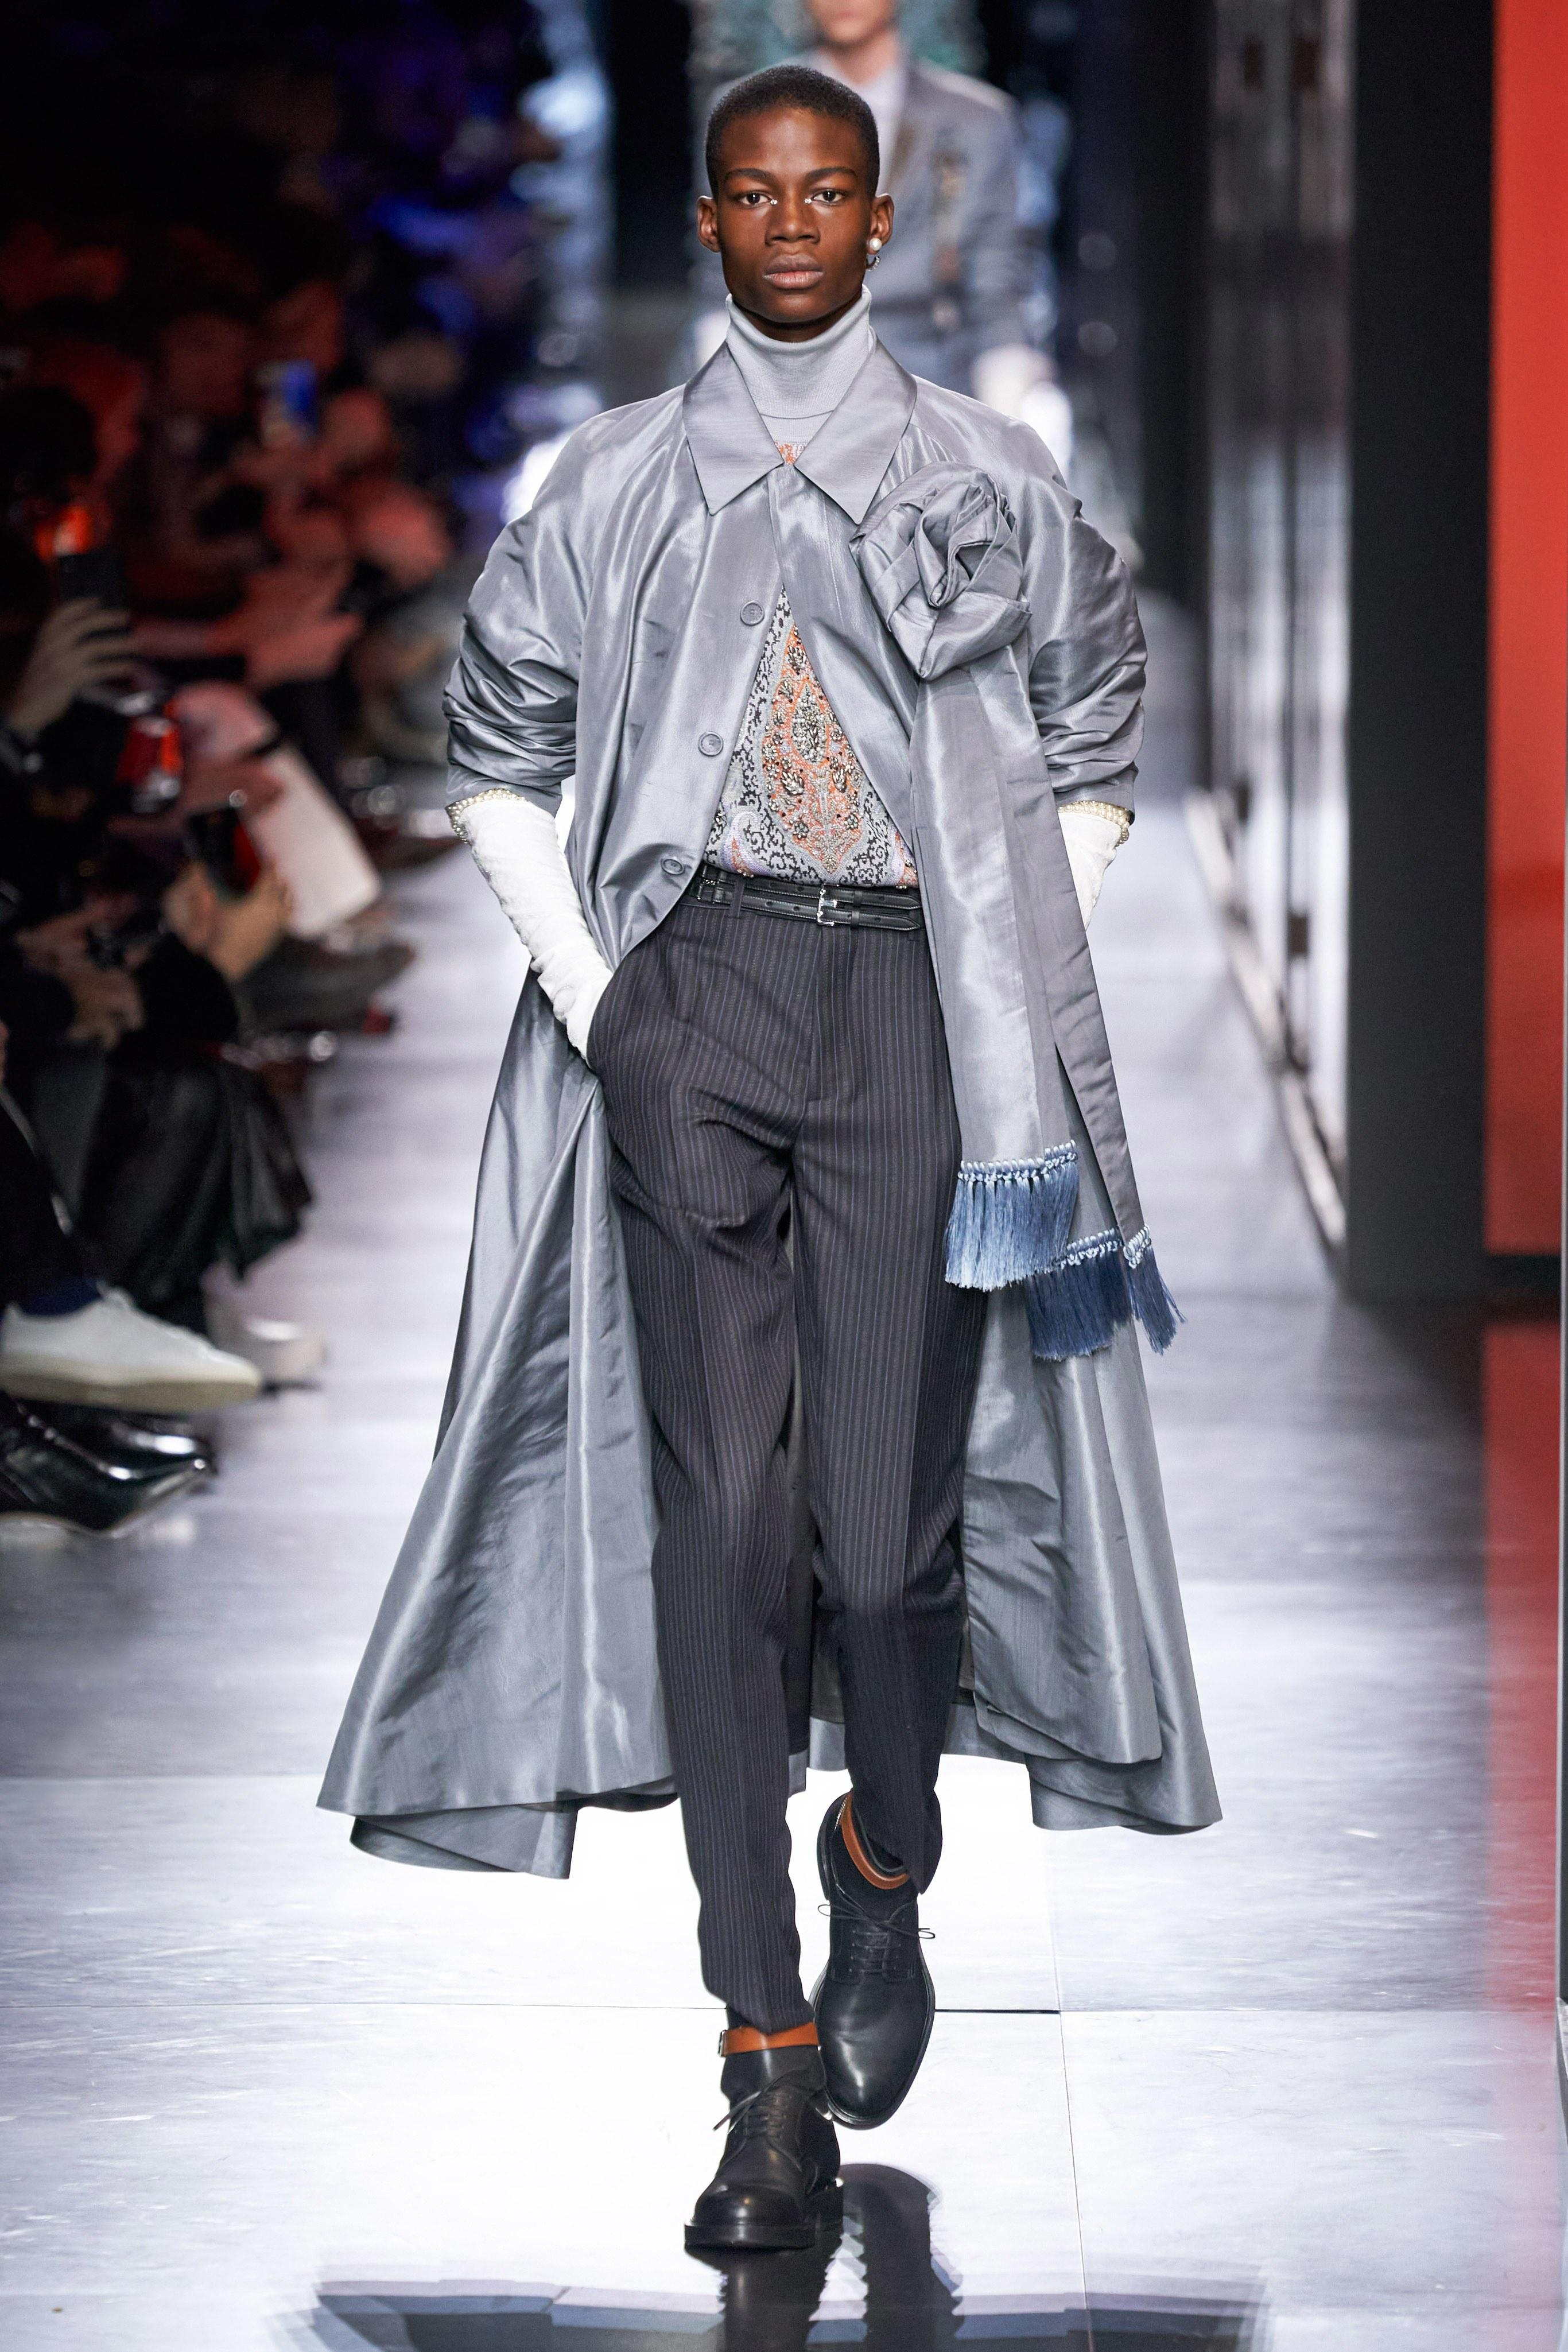 Áo khoác hoa, găng tay dài - Dior nâng thời trang nam lên tầm cao mới Ảnh 2